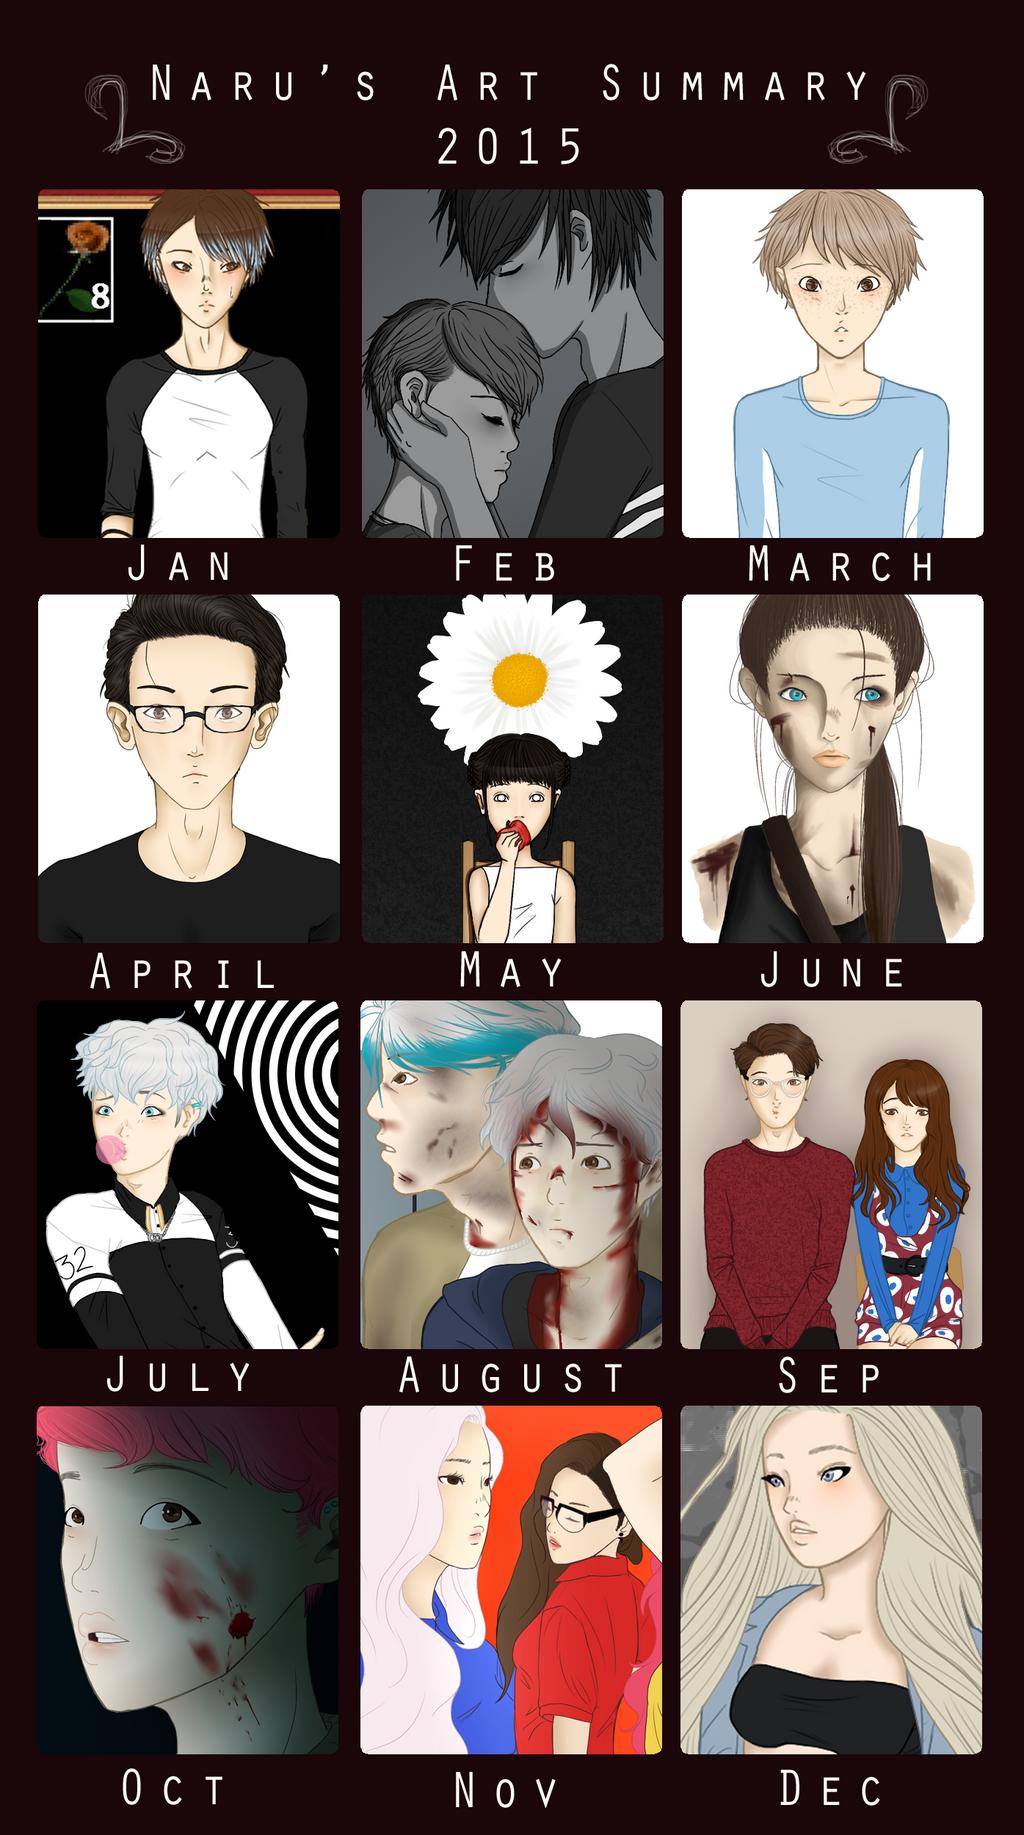 2015 Art Summary by ClassyNaru